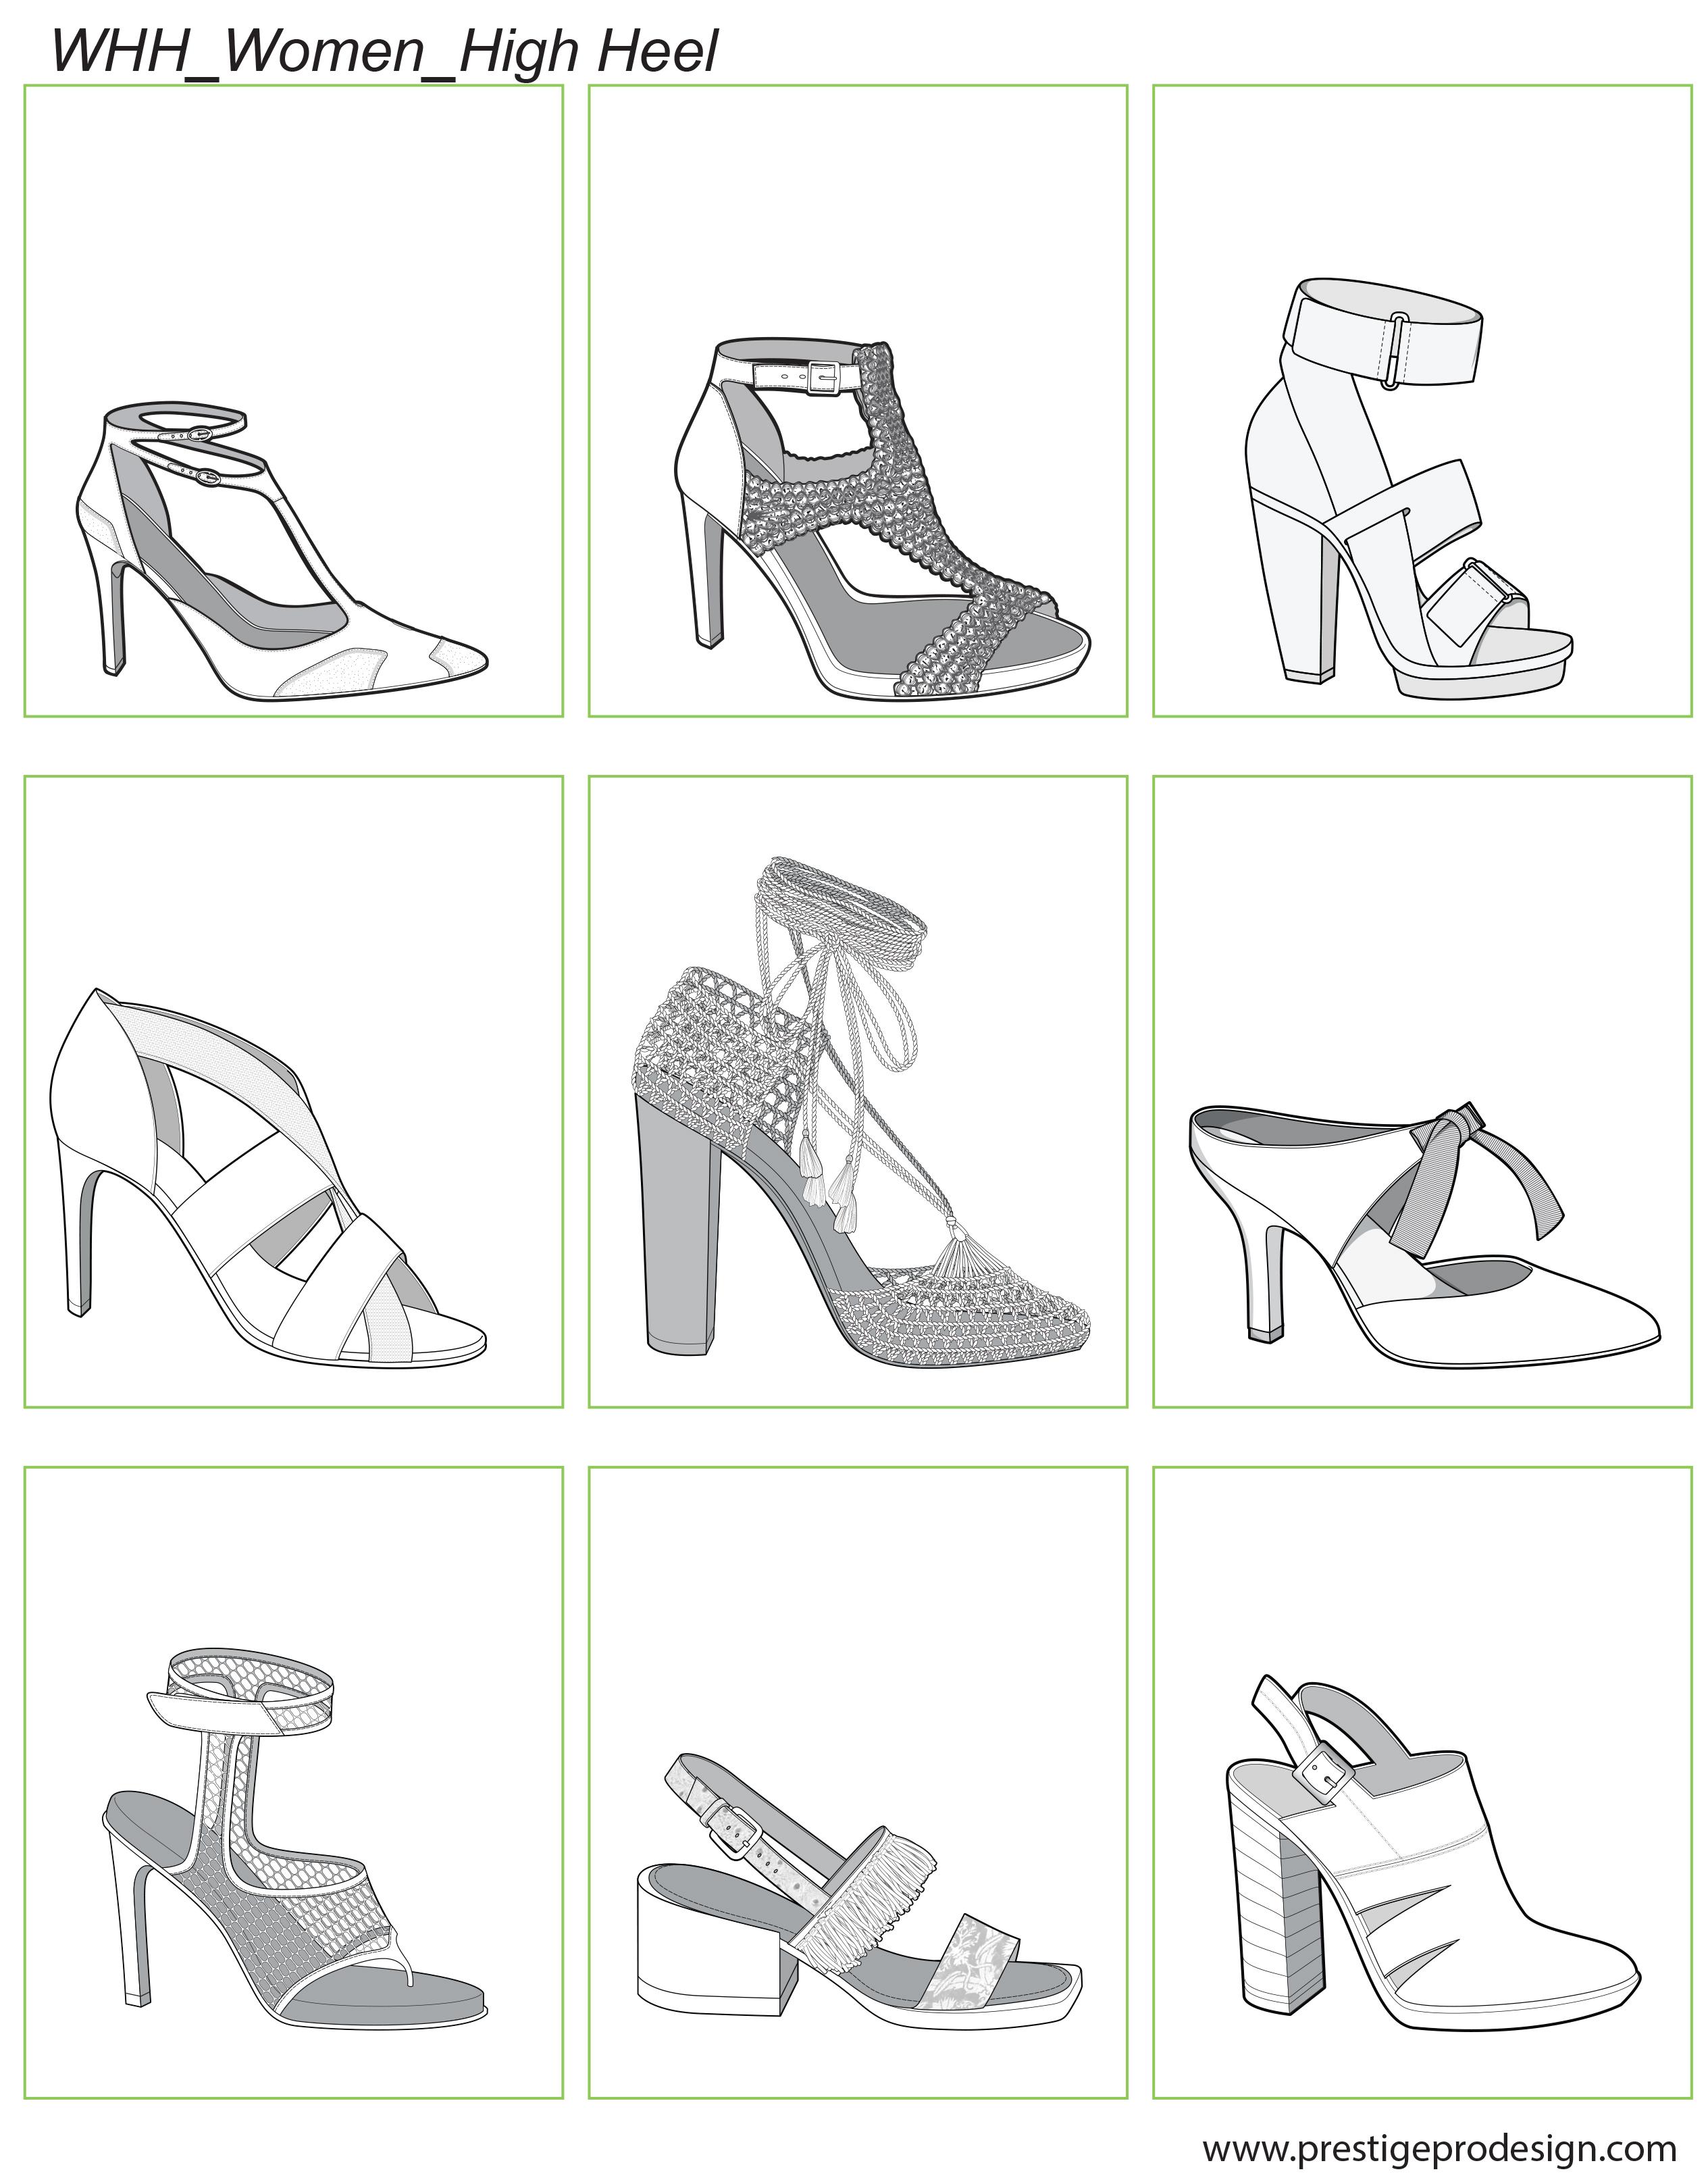 WHH_Women_High Heel